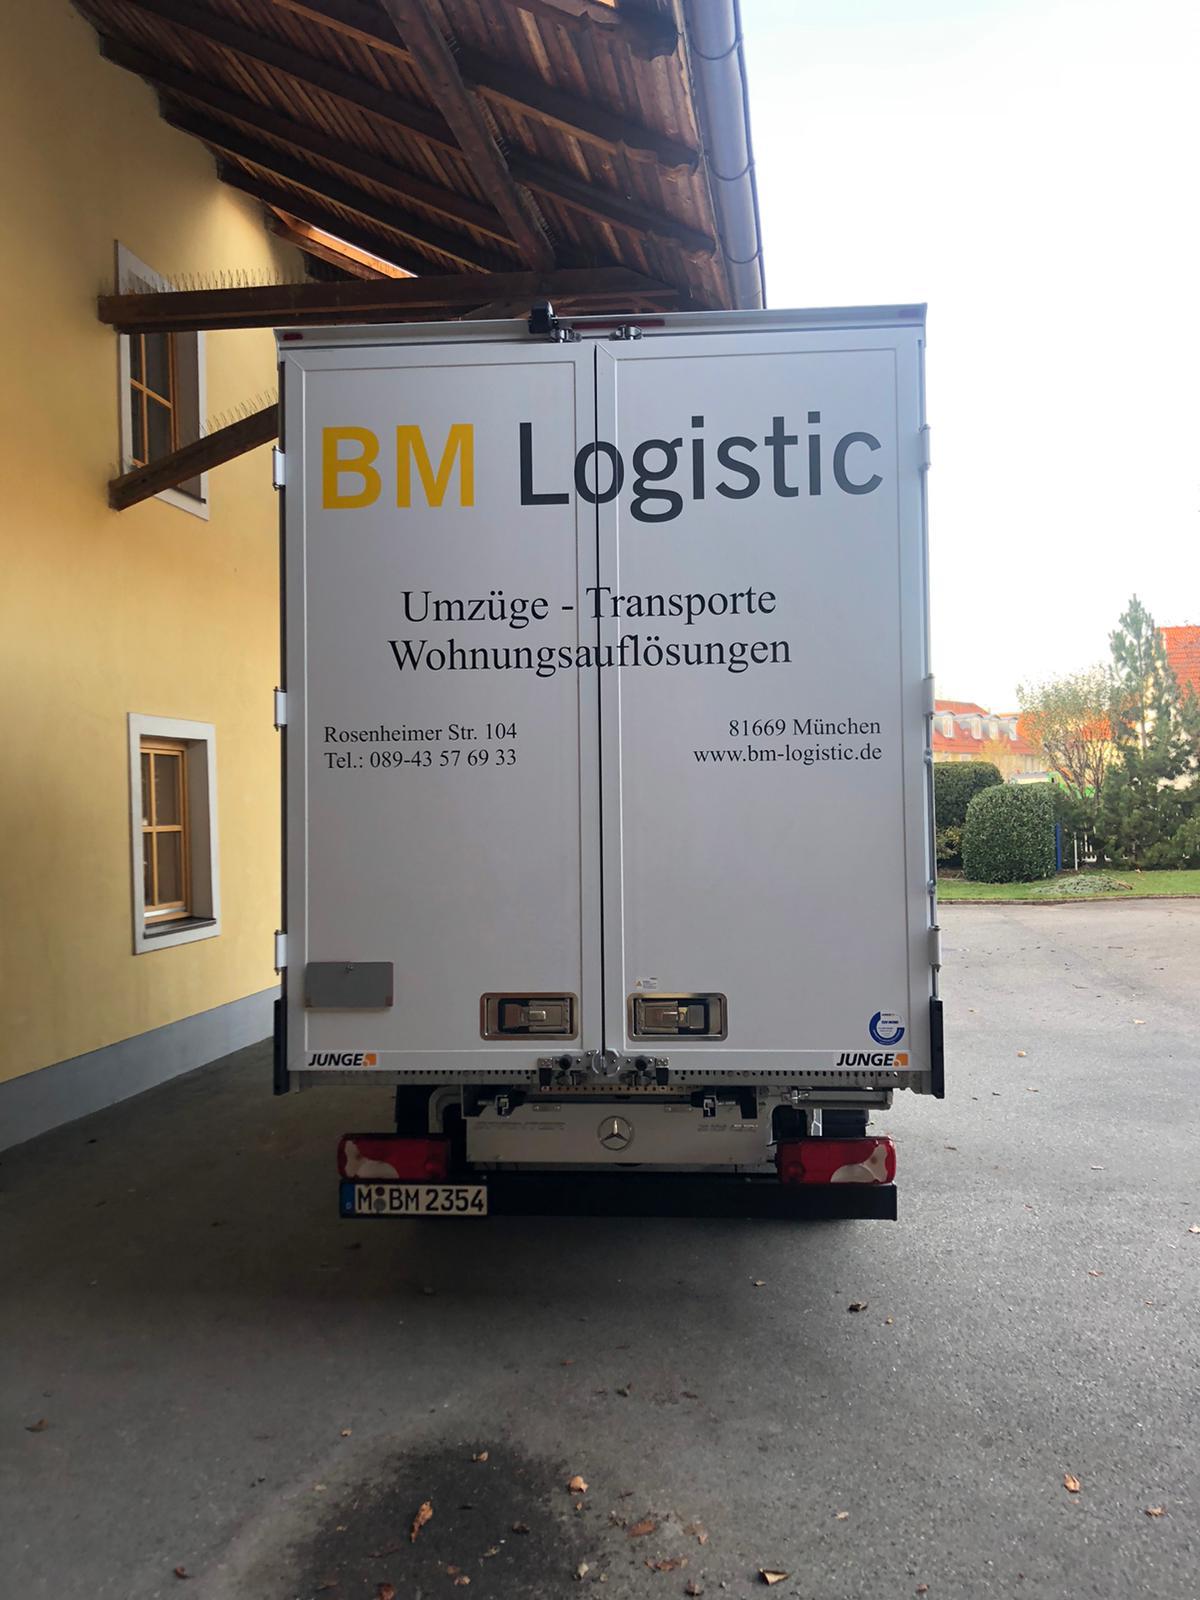 Wohnungsauflösung Entrümpelung Umzug in München. Haushaltsauflösung Sperrmüllentsorgung und Entrümpelungsfirma